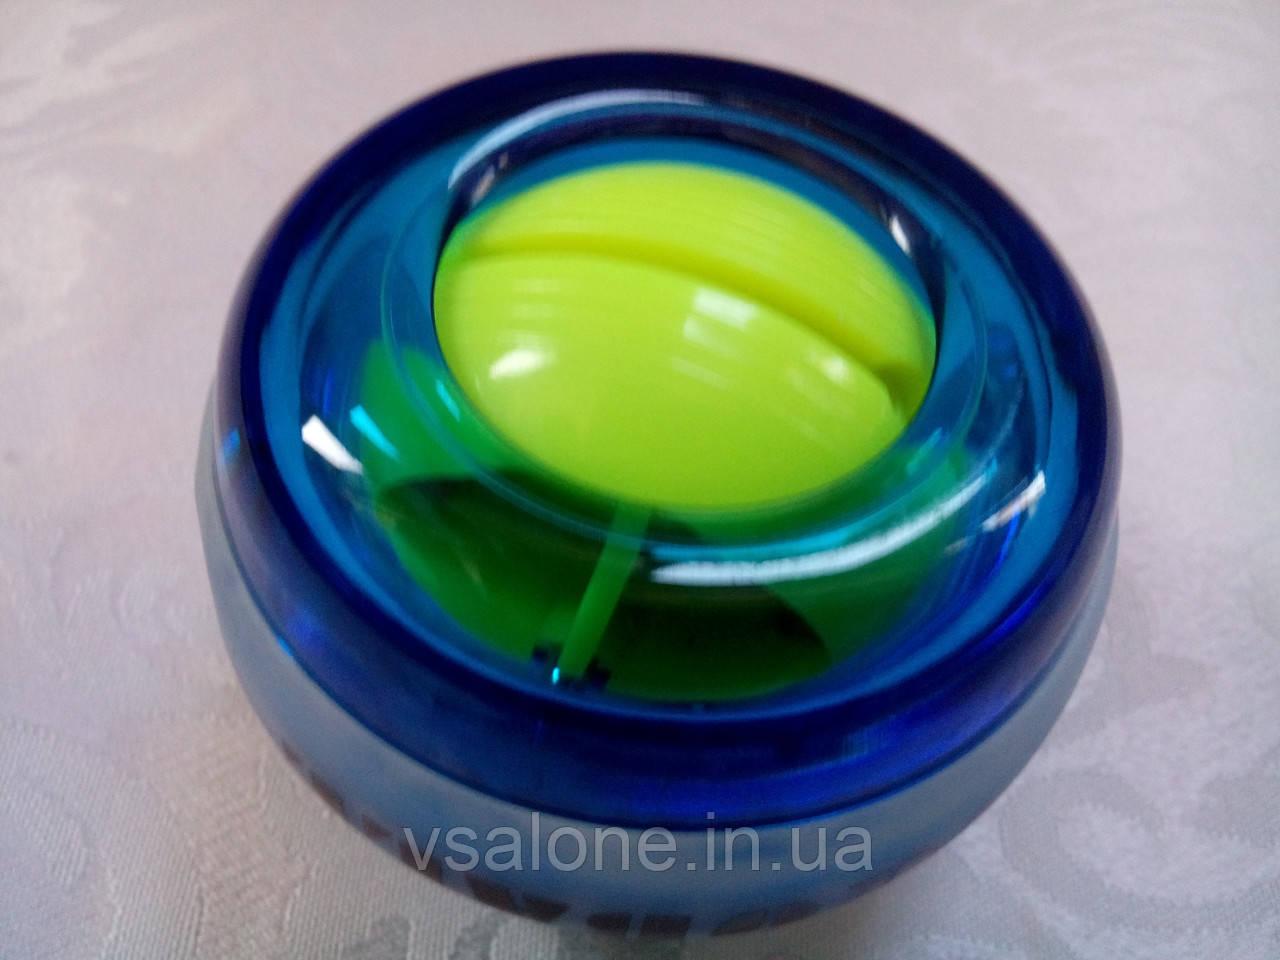 Кистевой тренажер Powerball павербол